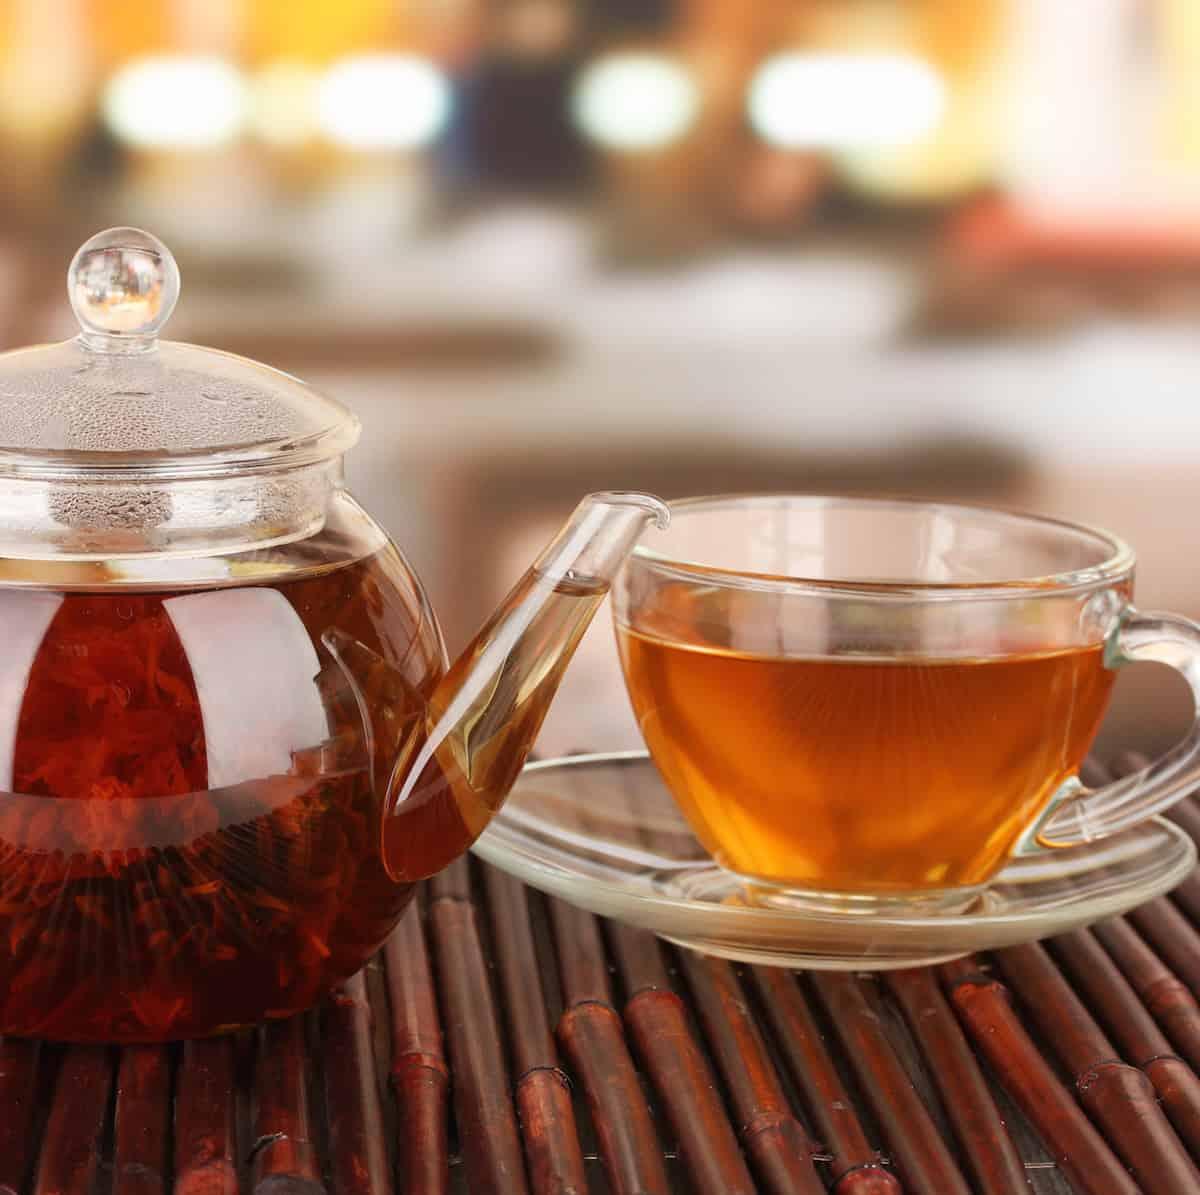 glass teapot and teacups brewing tea